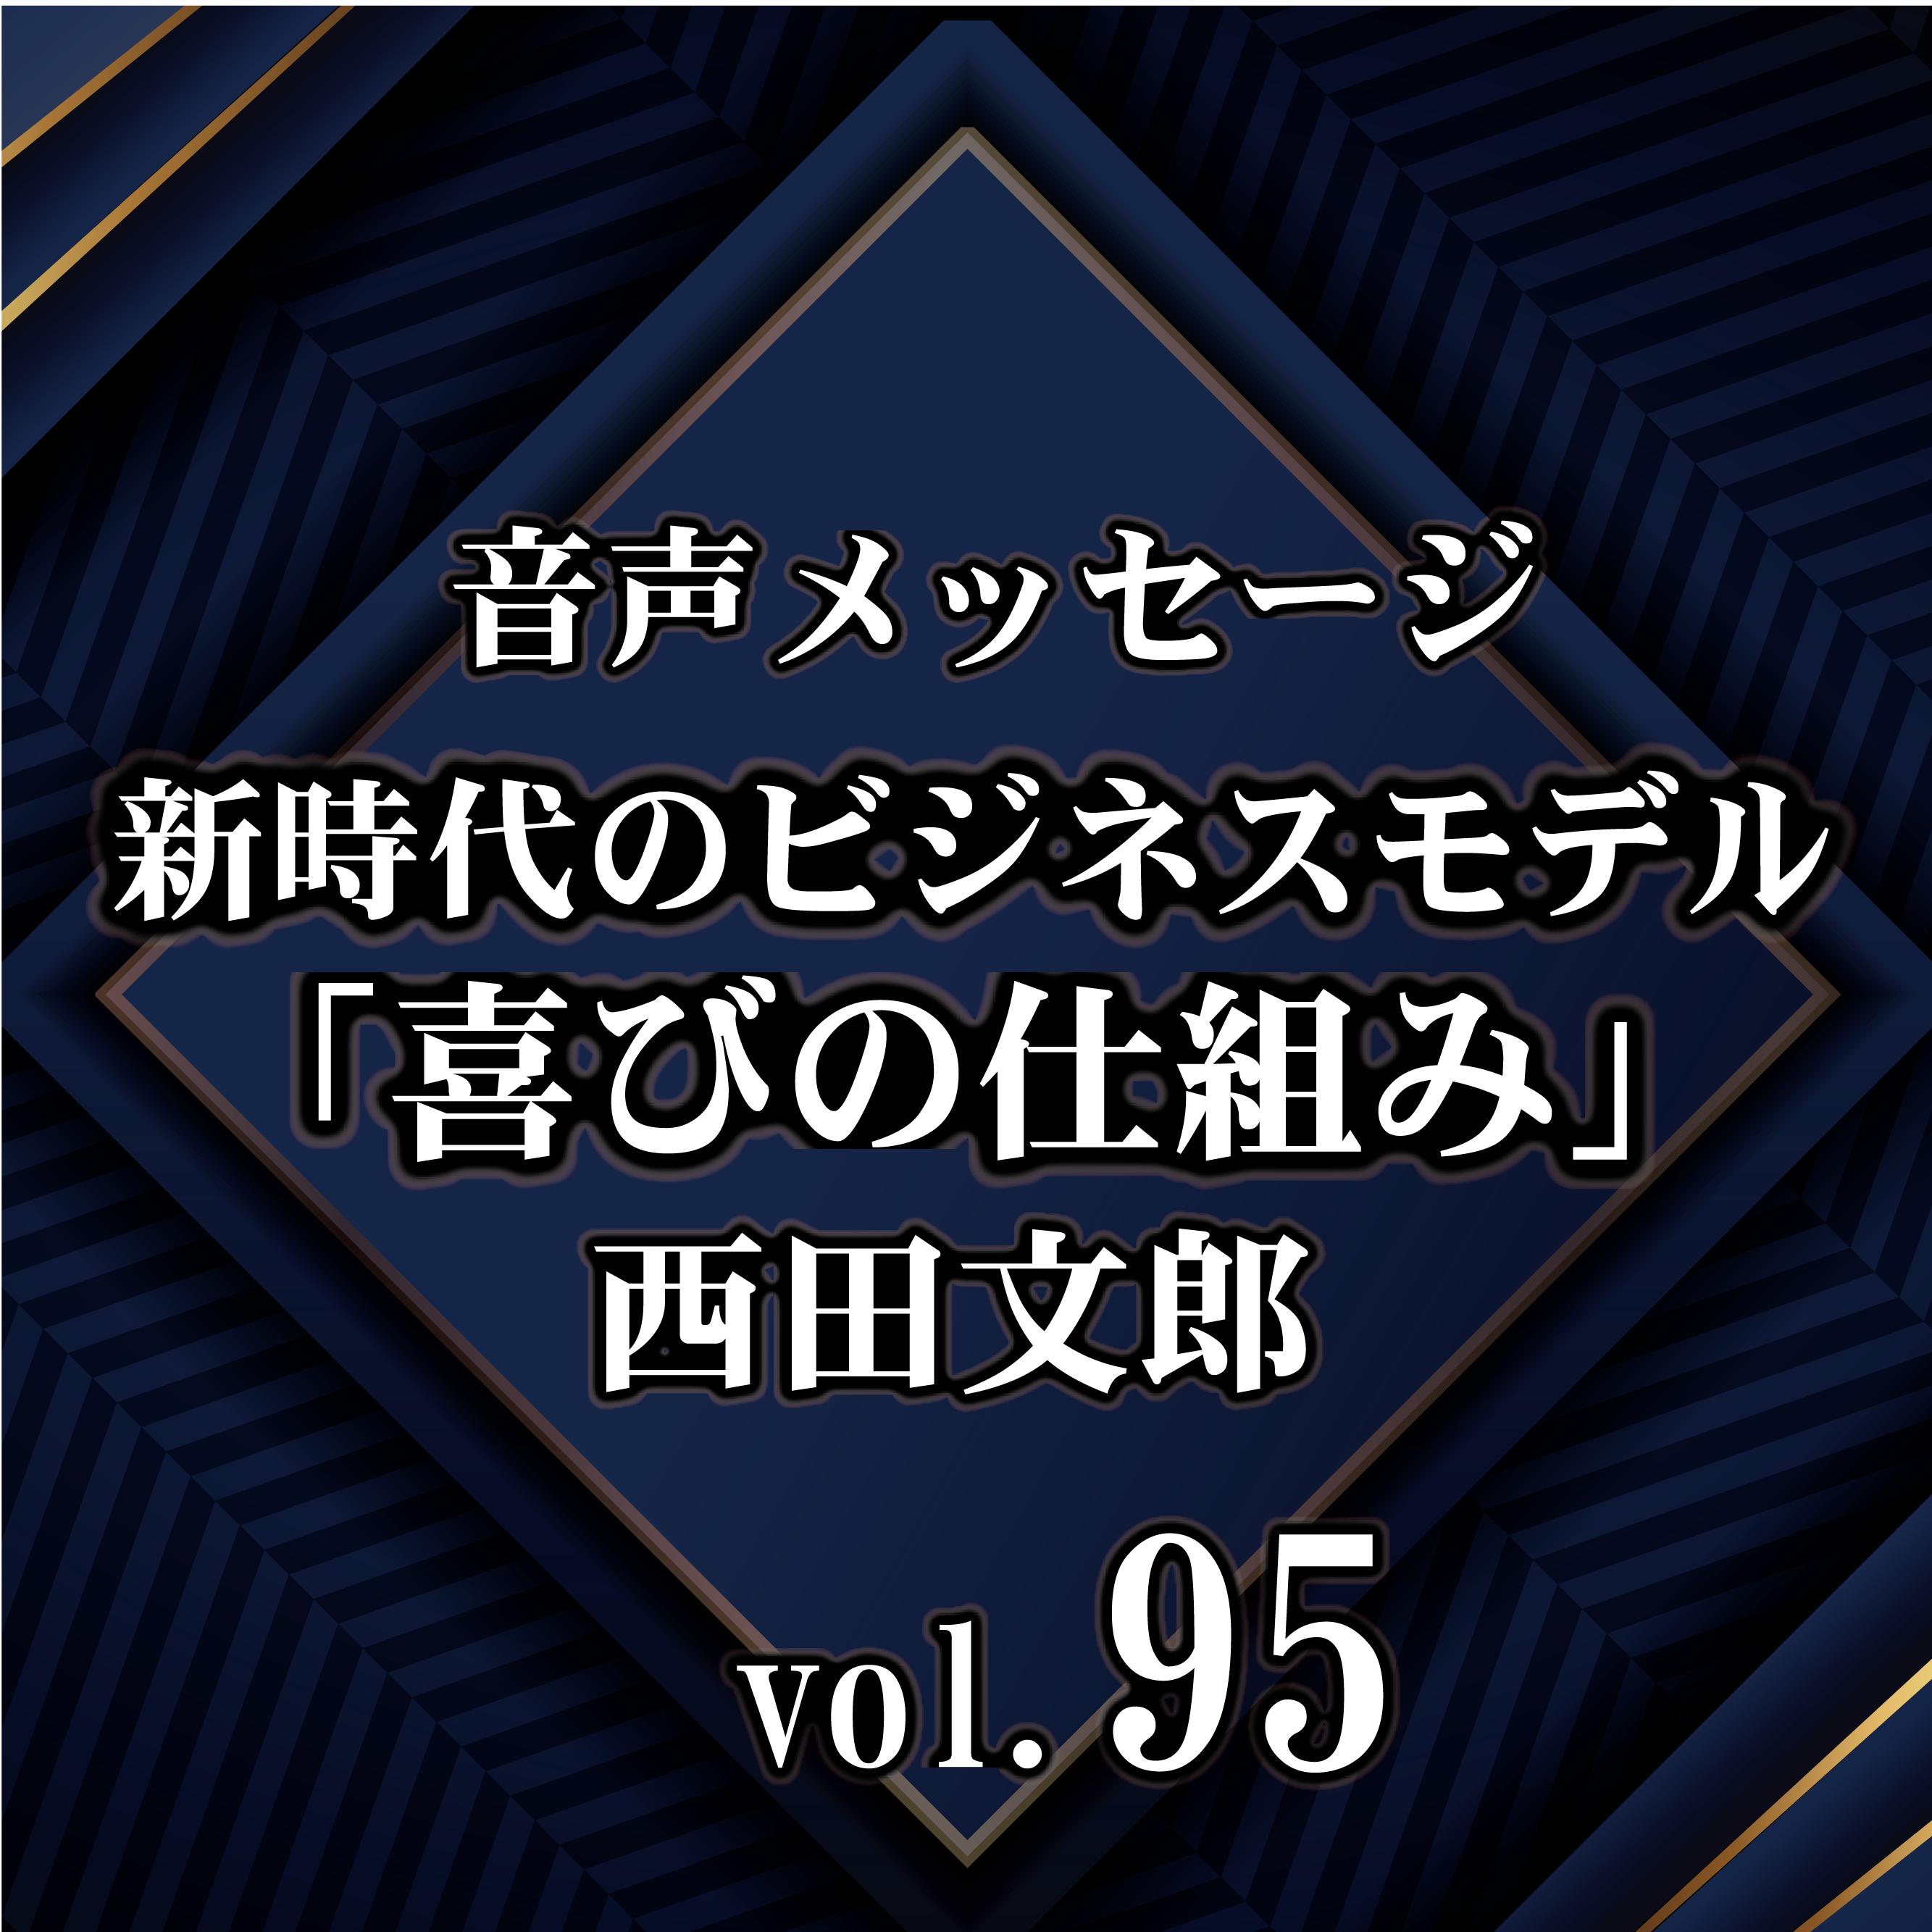 西田文郎 音声メッセージvol.95『新時代のビジネスモデル「喜びの仕組み」』